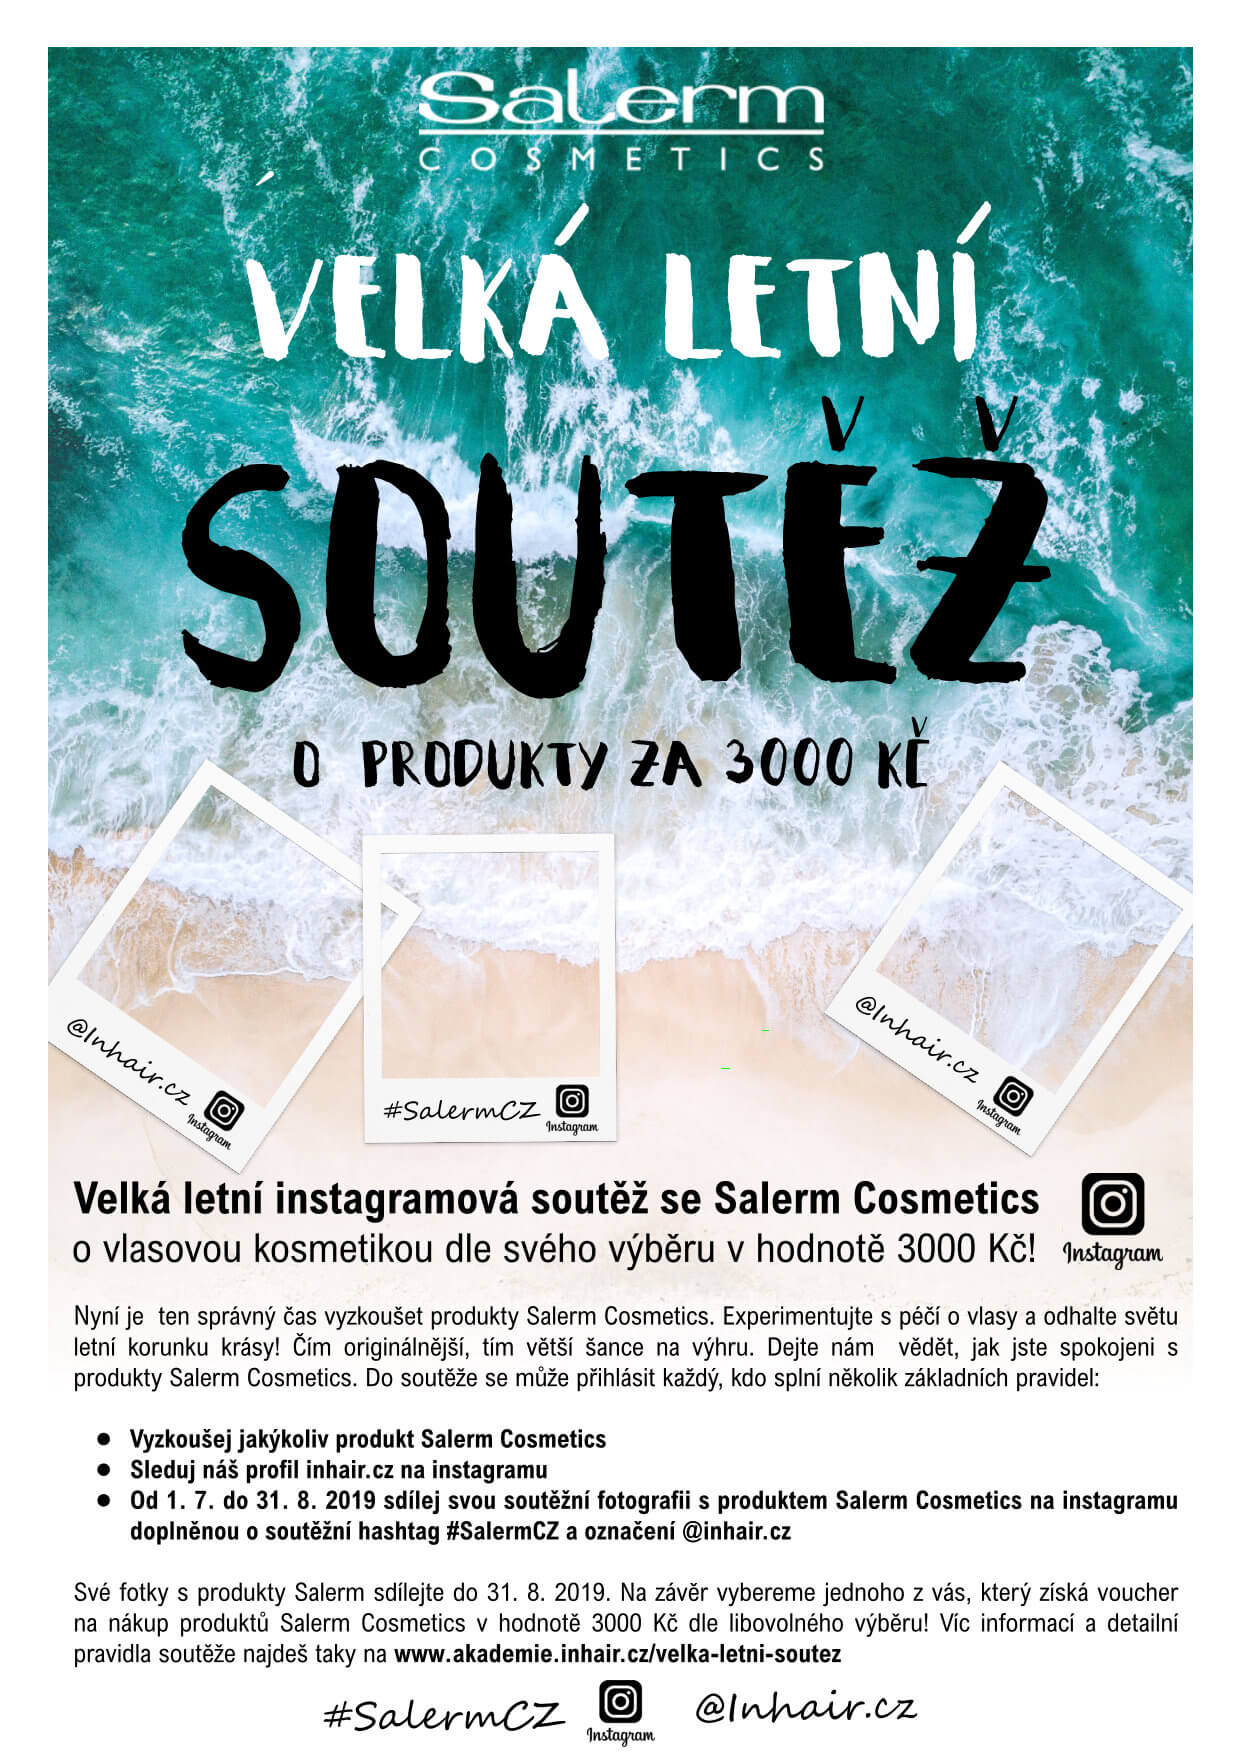 Velká letní soutěž se Salerm Cosmetics o produkty v hodnotě 3000 Kč